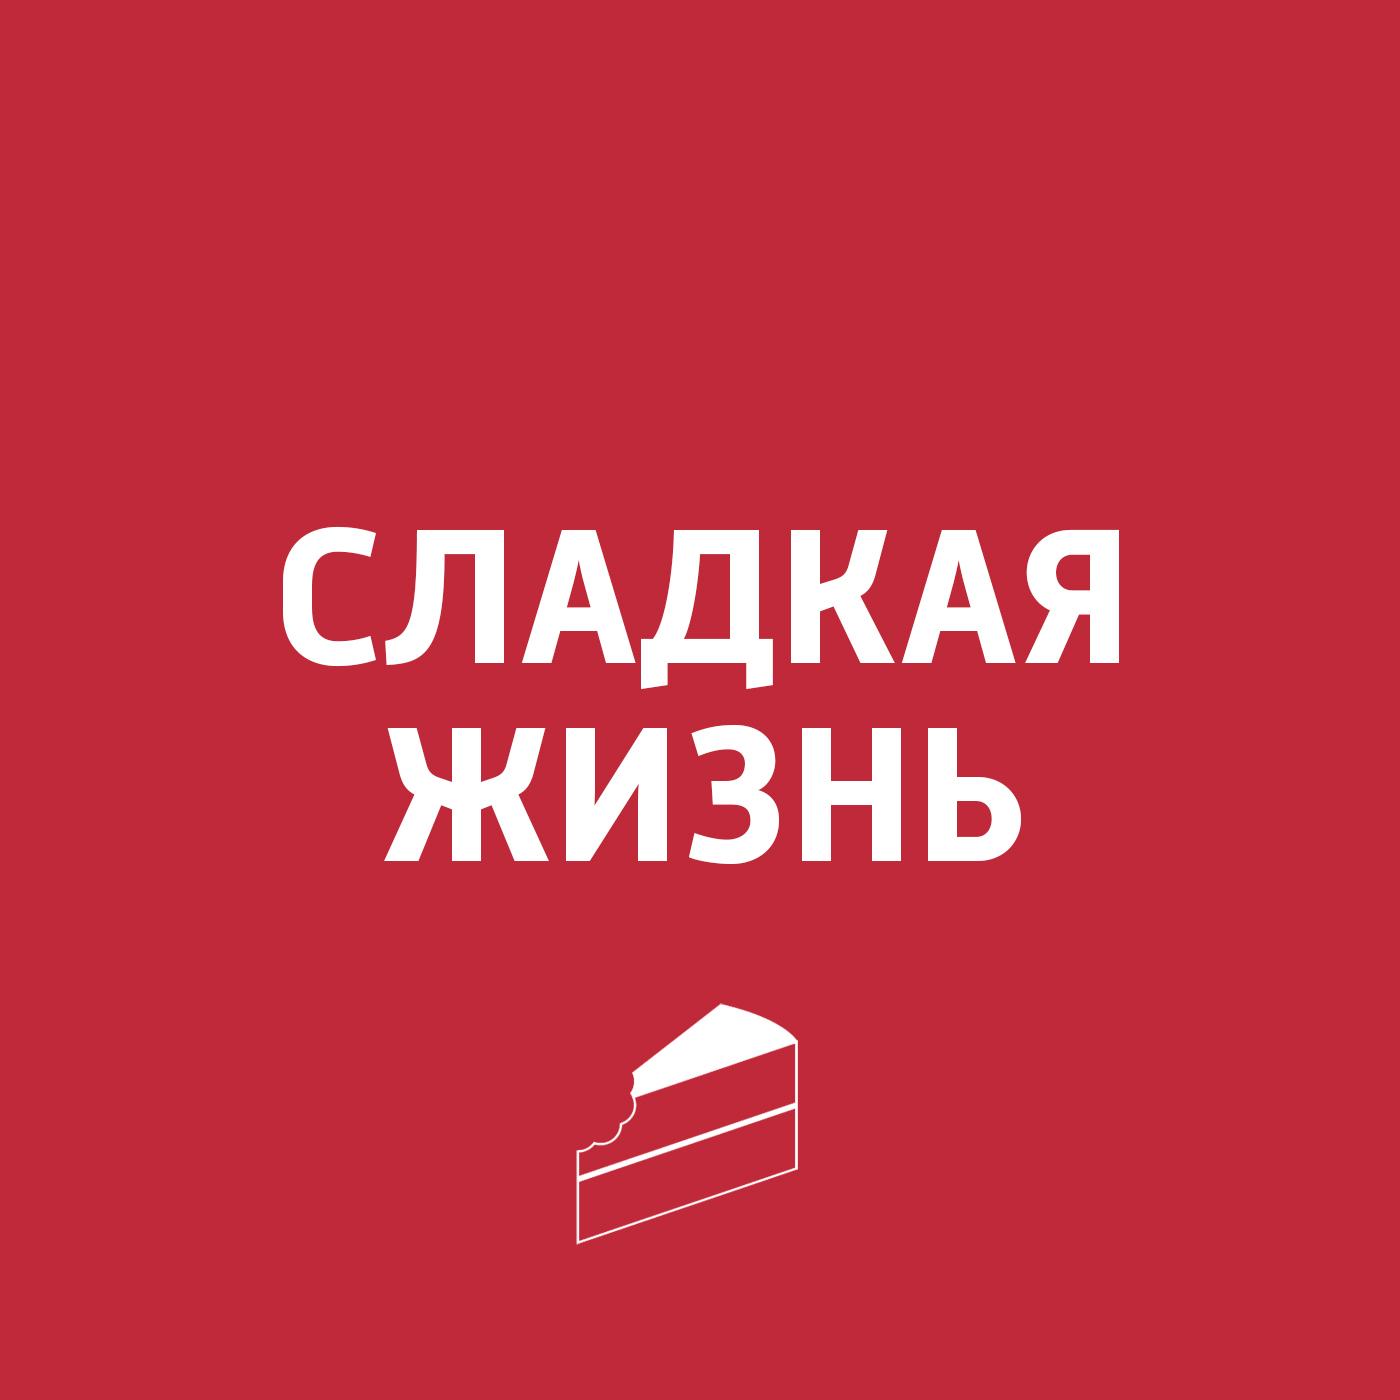 Картаев Павел Сырники картаев павел сырники